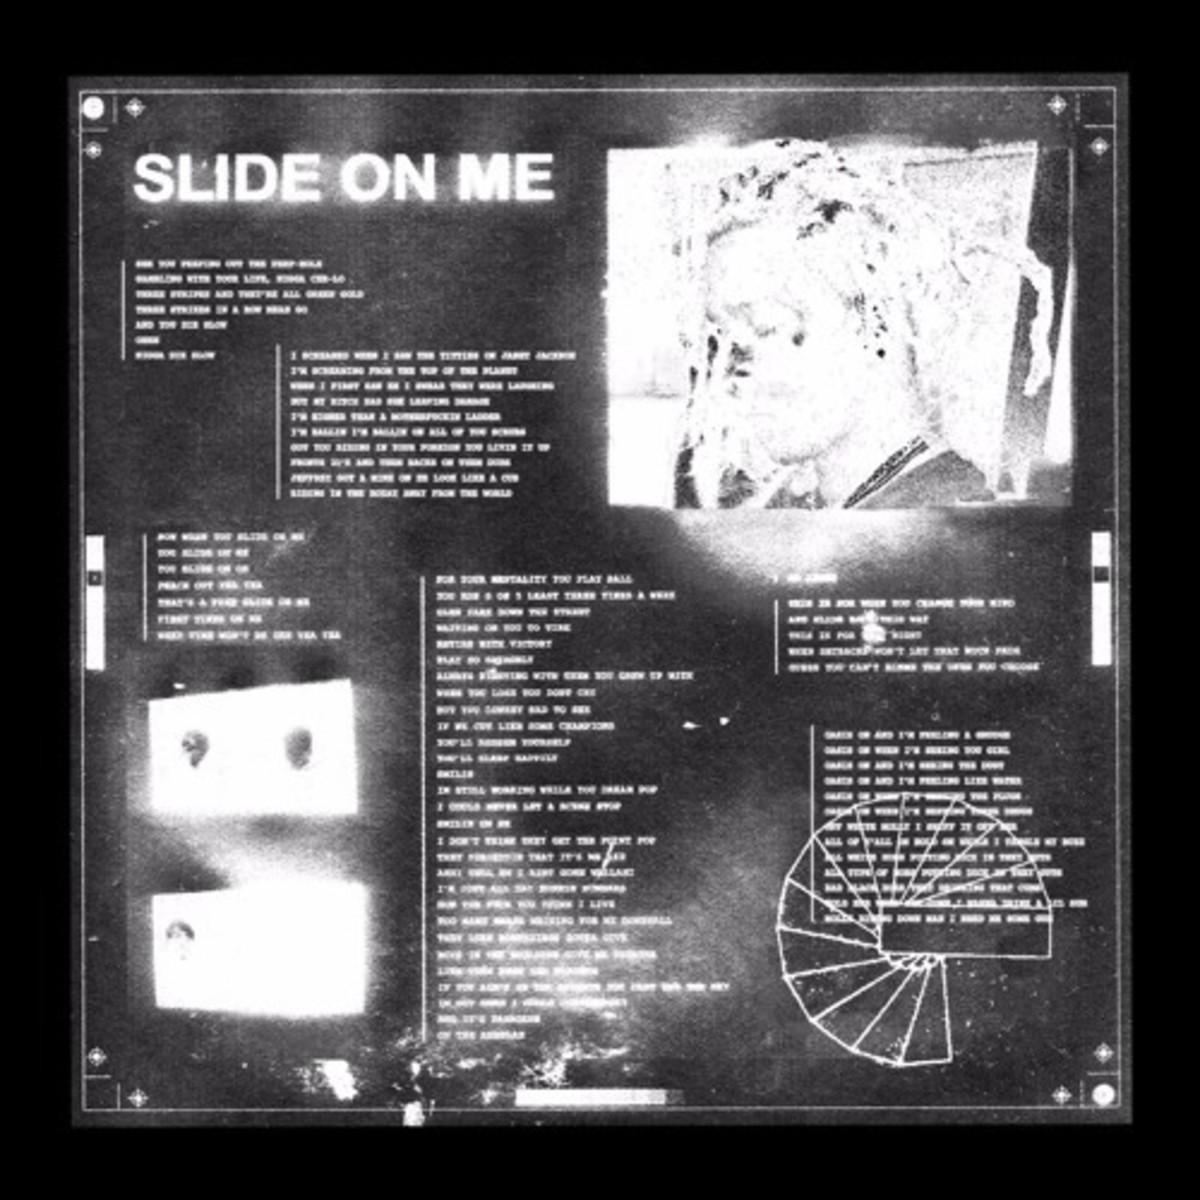 frank-ocean-slide-on-me-remix.jpg